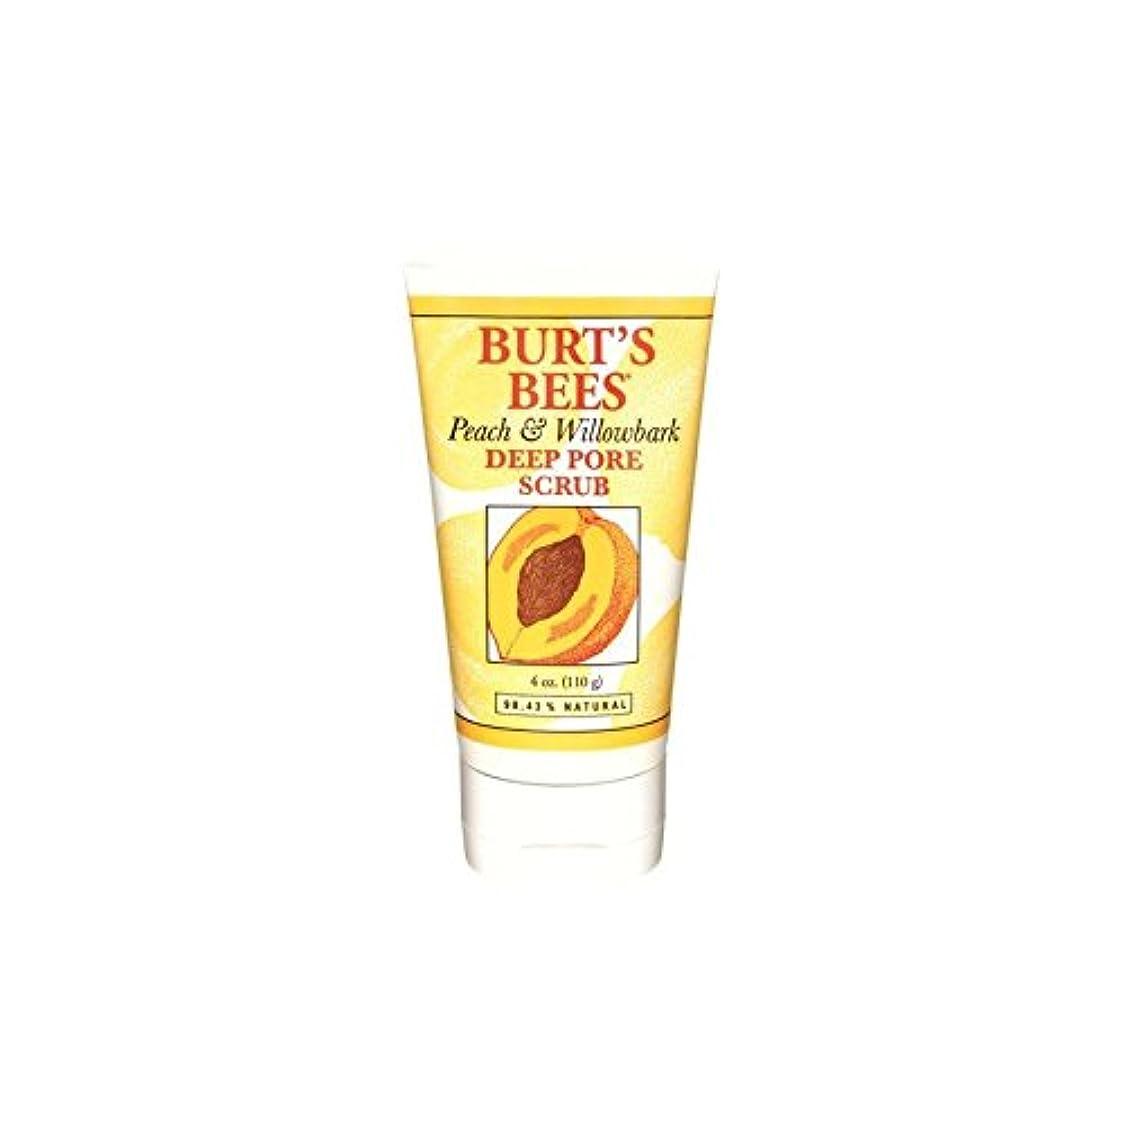 カプラーペット貪欲Burt's Bees Peach & Willowbark Deep Pore Scrub (4 Oz / 110G) - バーツビーの桃&深いポアスクラブ(4オンス/ 110グラム) [並行輸入品]